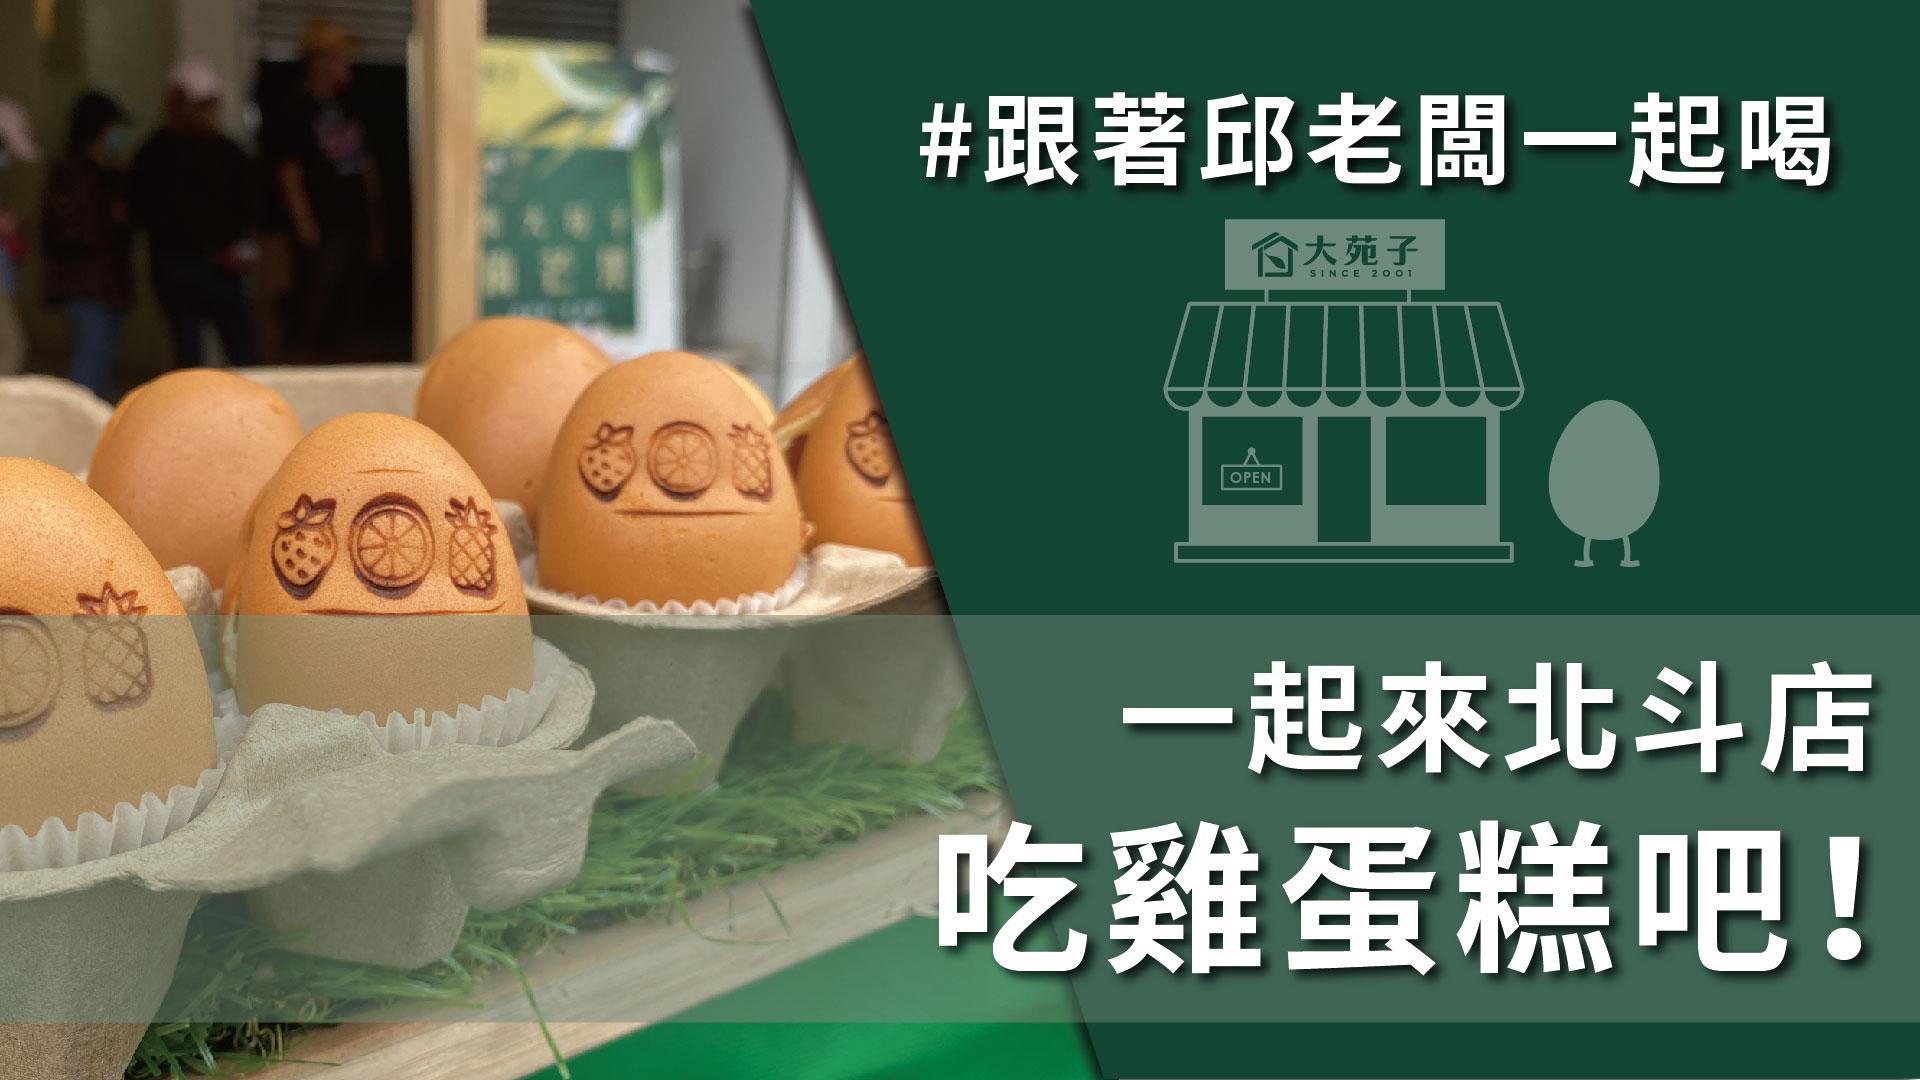 夏日必喝鳳梨飲品,來自屏東高樹的金鑽鳳梨! #4月14日 #DAY213